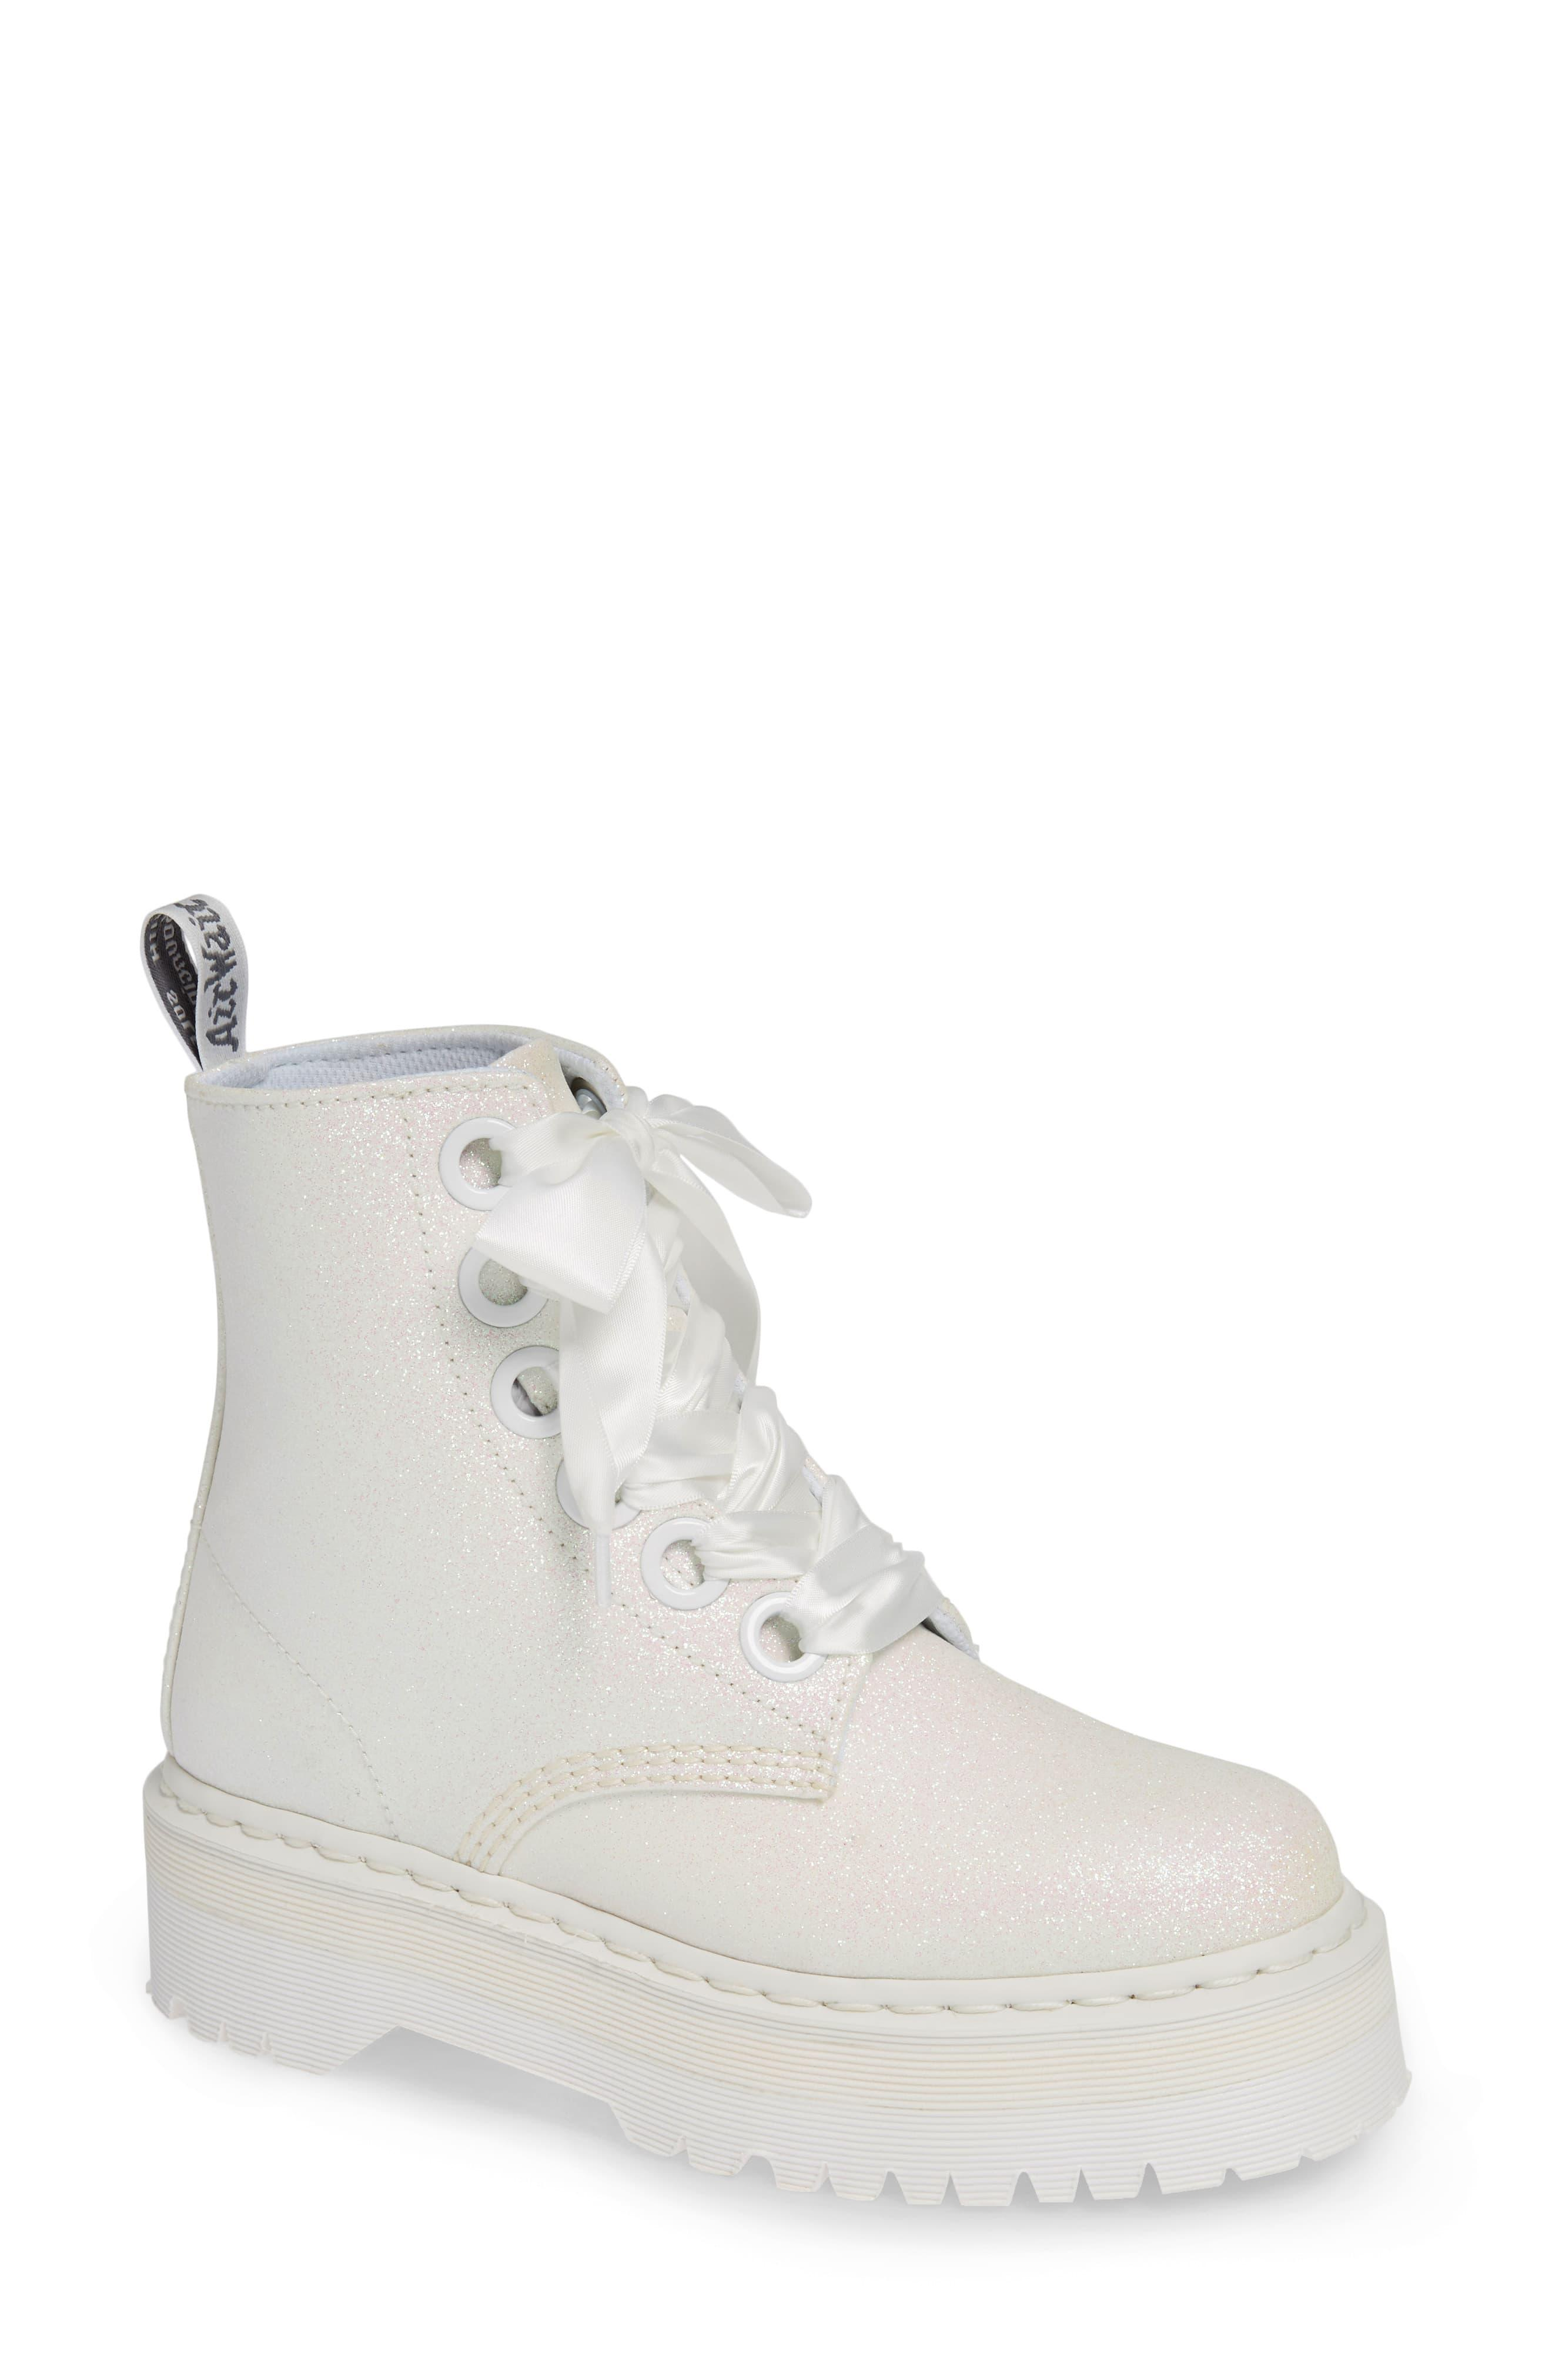 doc martins white boots